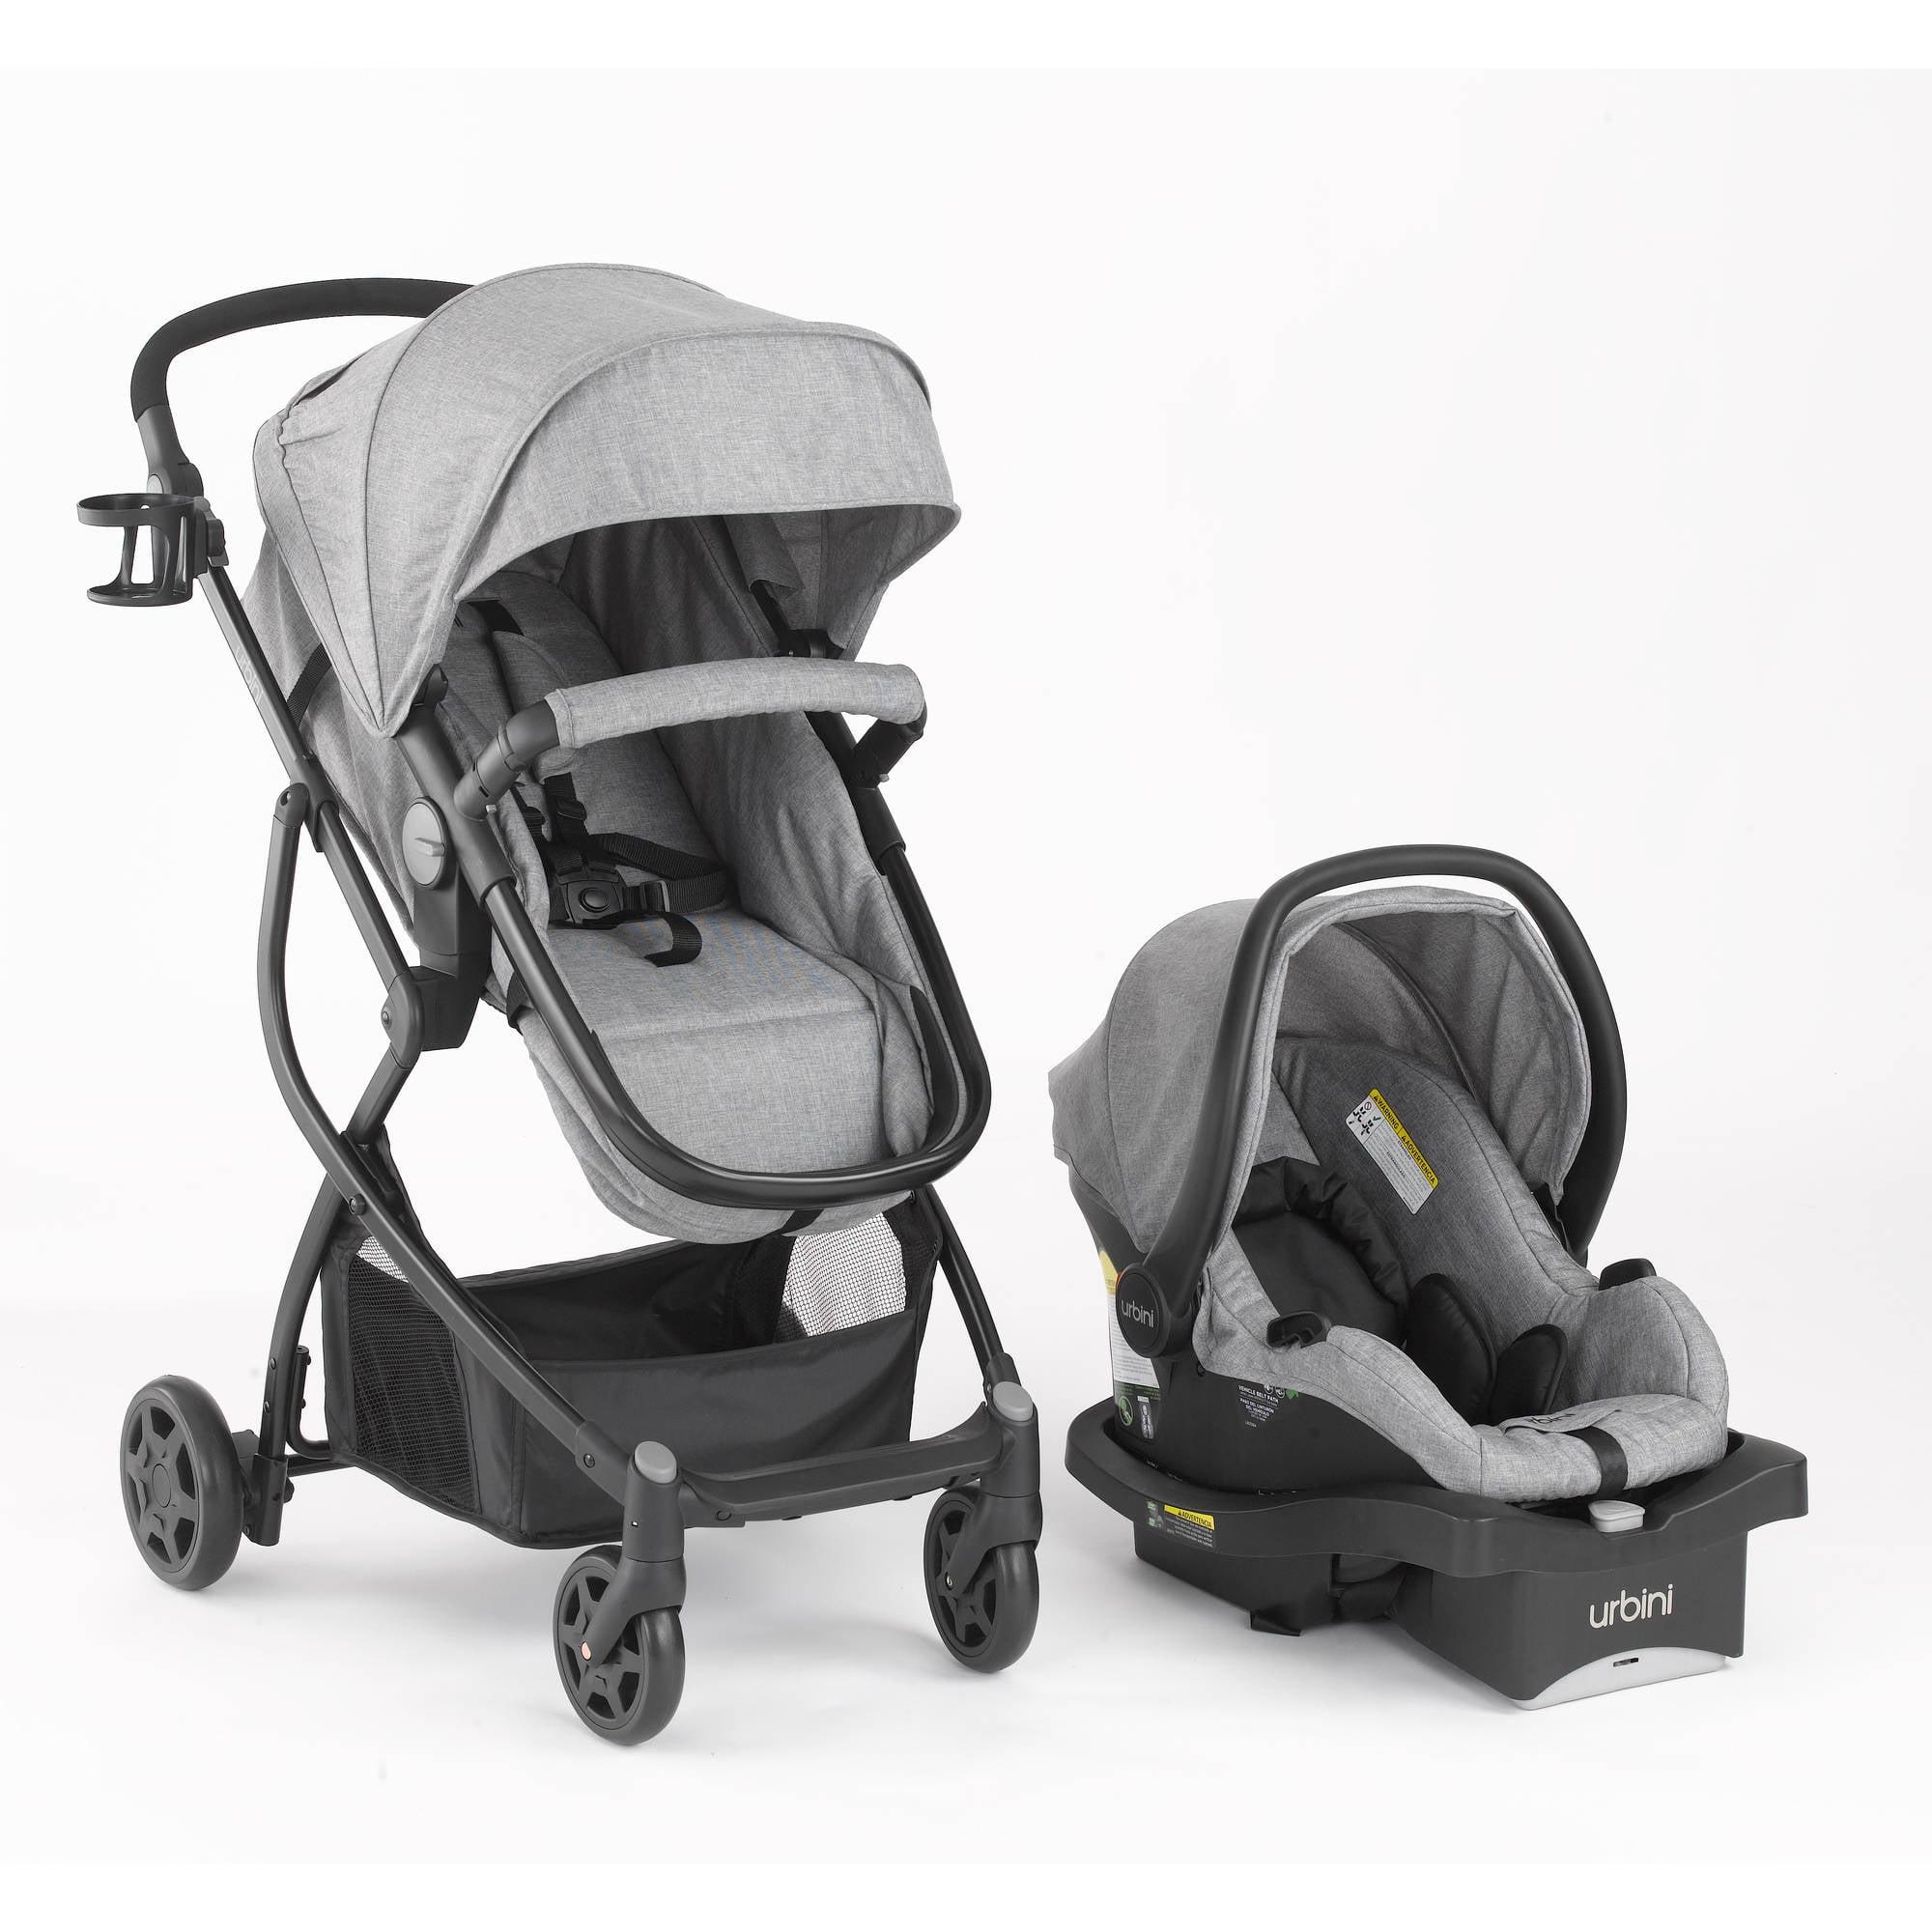 Silla De Carro Para Bebe Sistema de viaje de Omni Plus Urbini, edición especial + Urbini en Veo y Compro